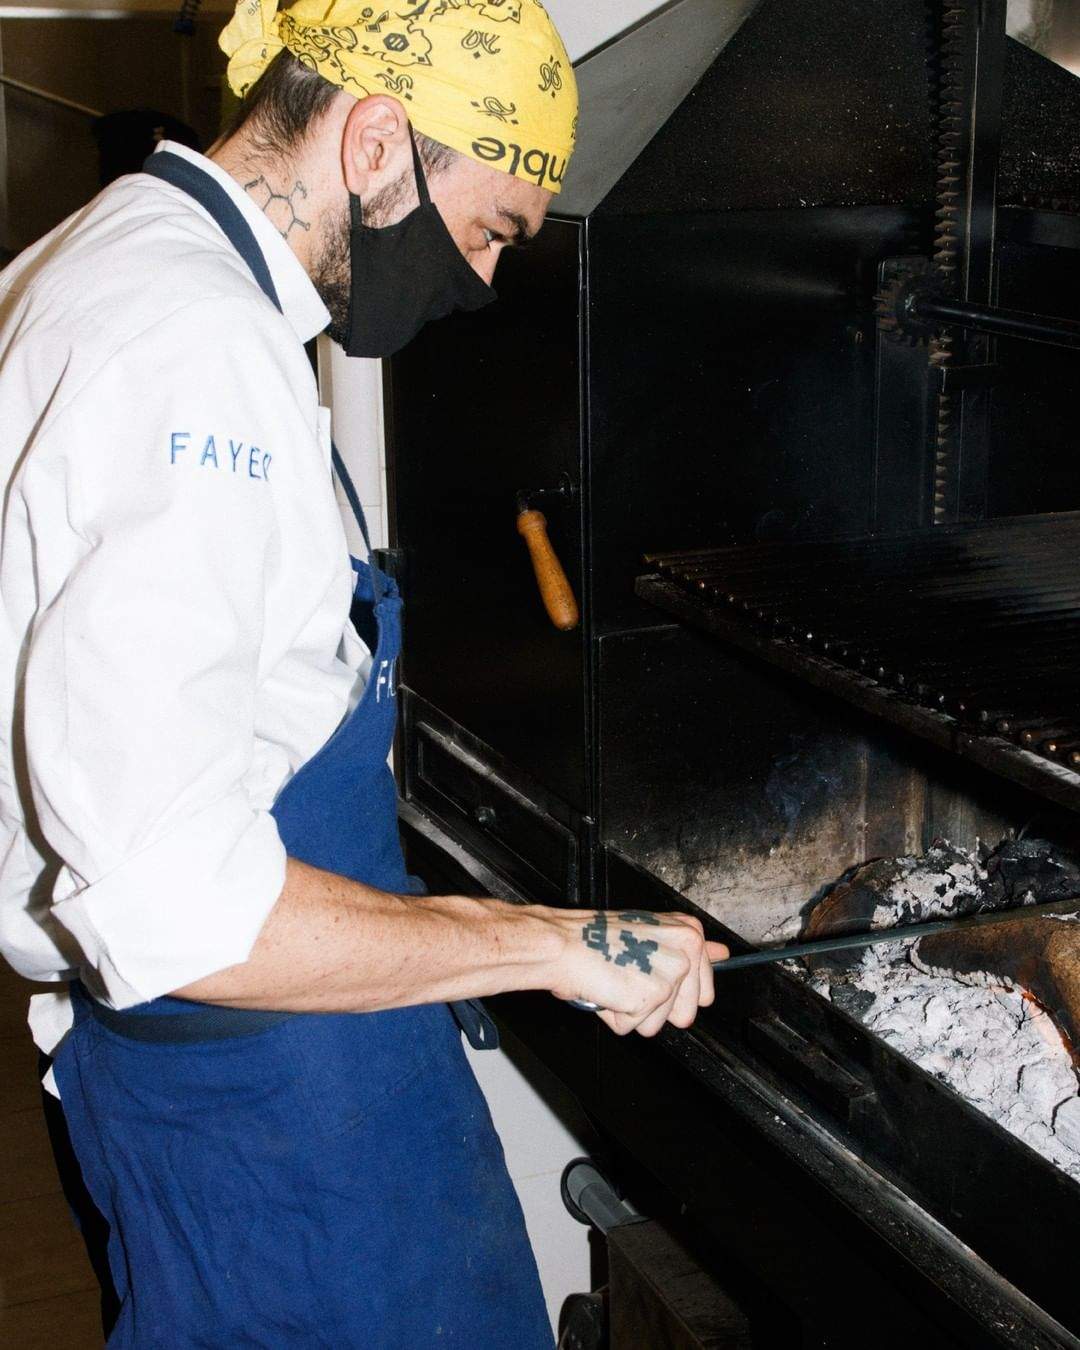 Cocinero en la cocina de Fayer